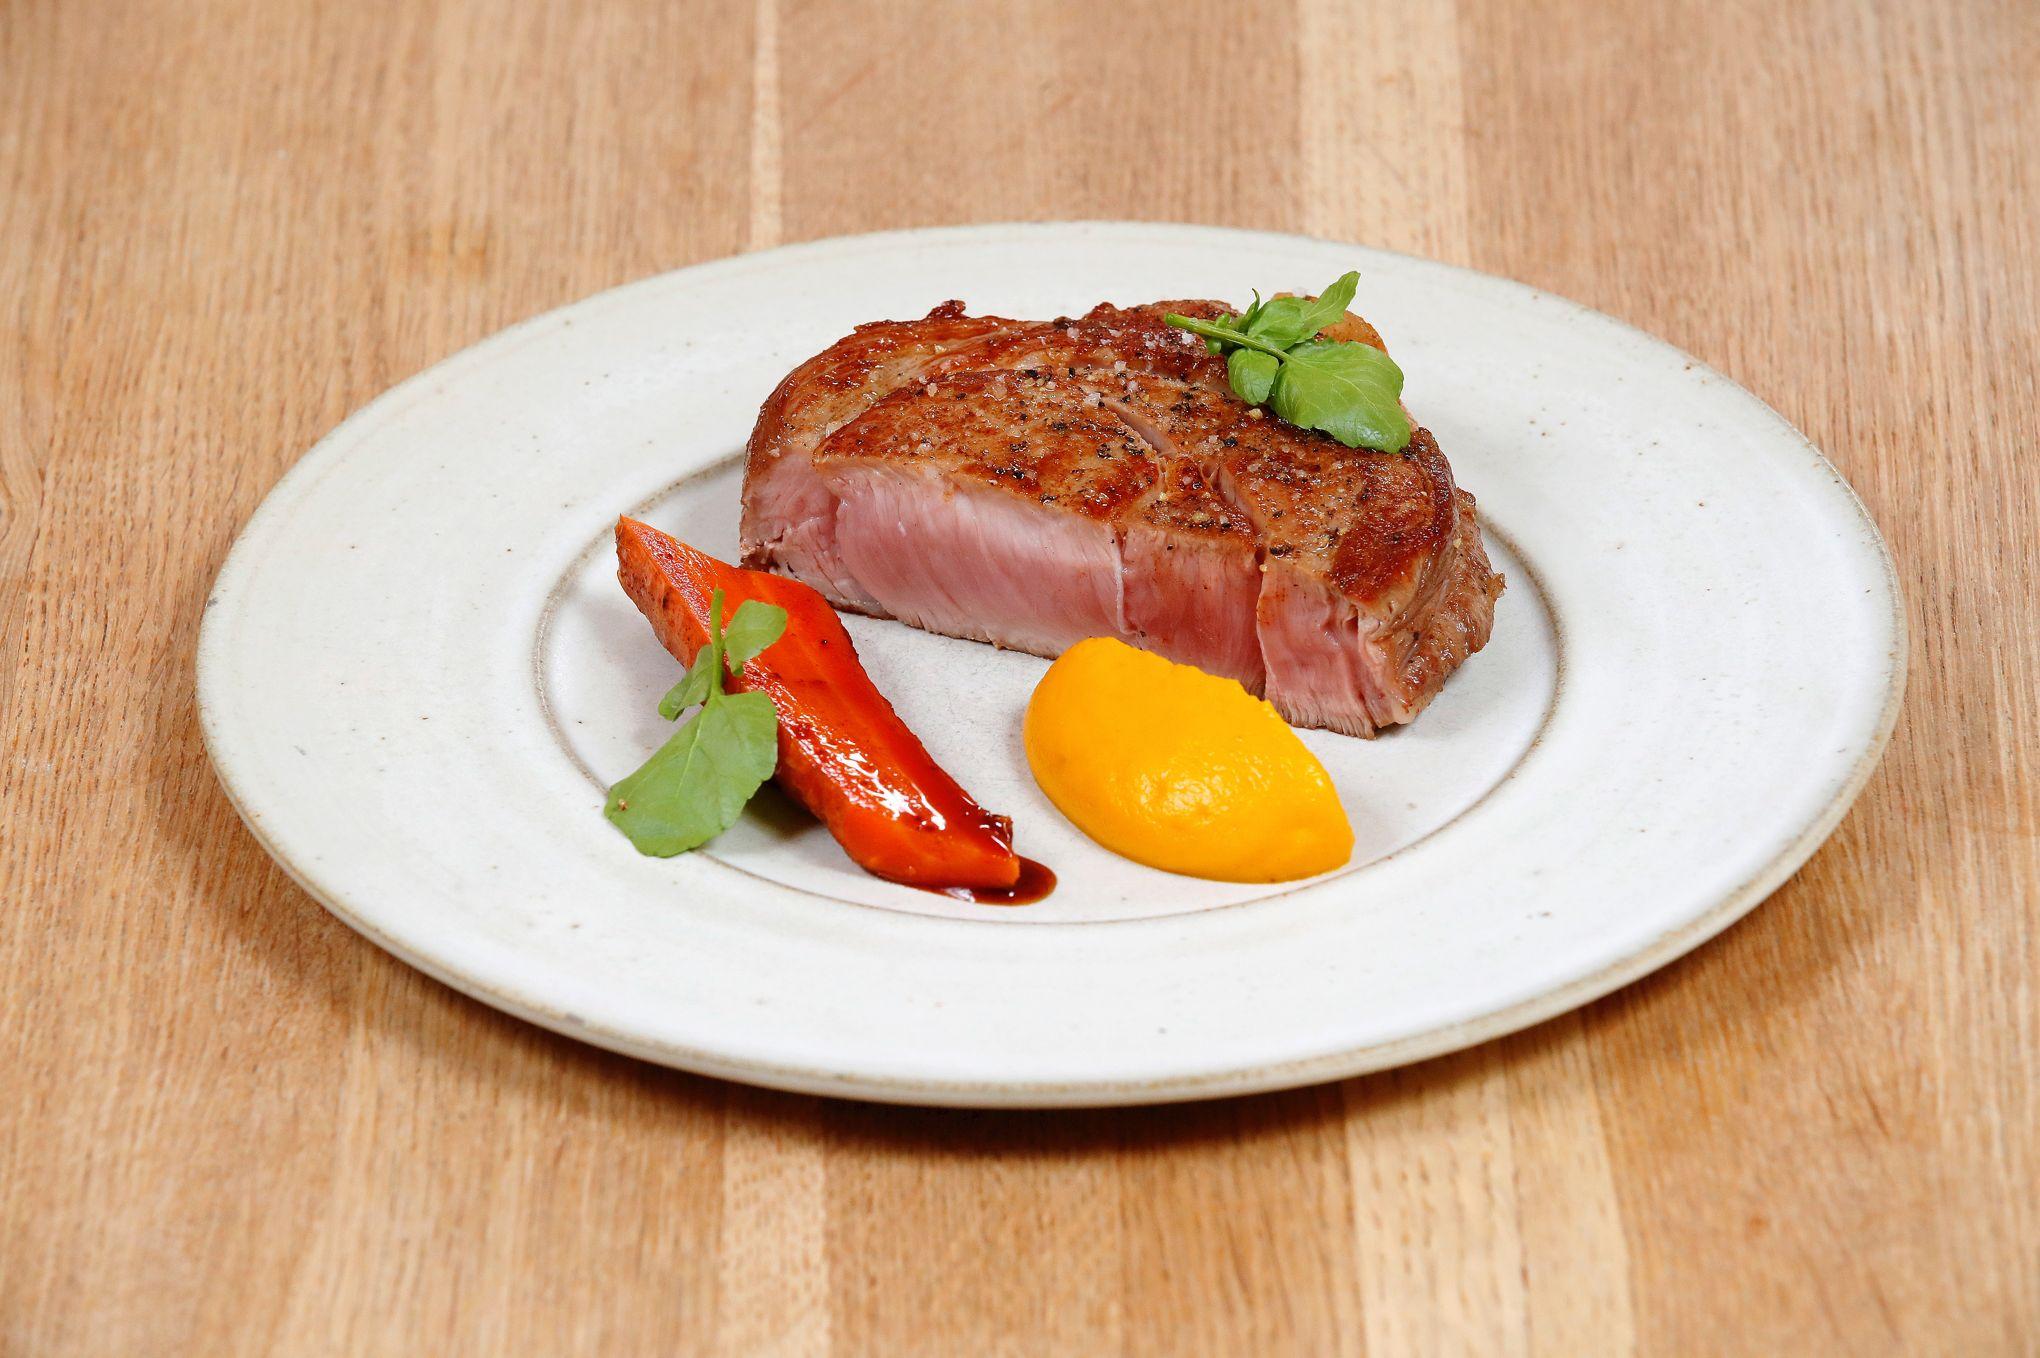 Les recettes d'Antonin Bonnet: saint-jacques et soupe de châtaignes, carré de veau filet et purée de carottes, tarte fine aux clémentines